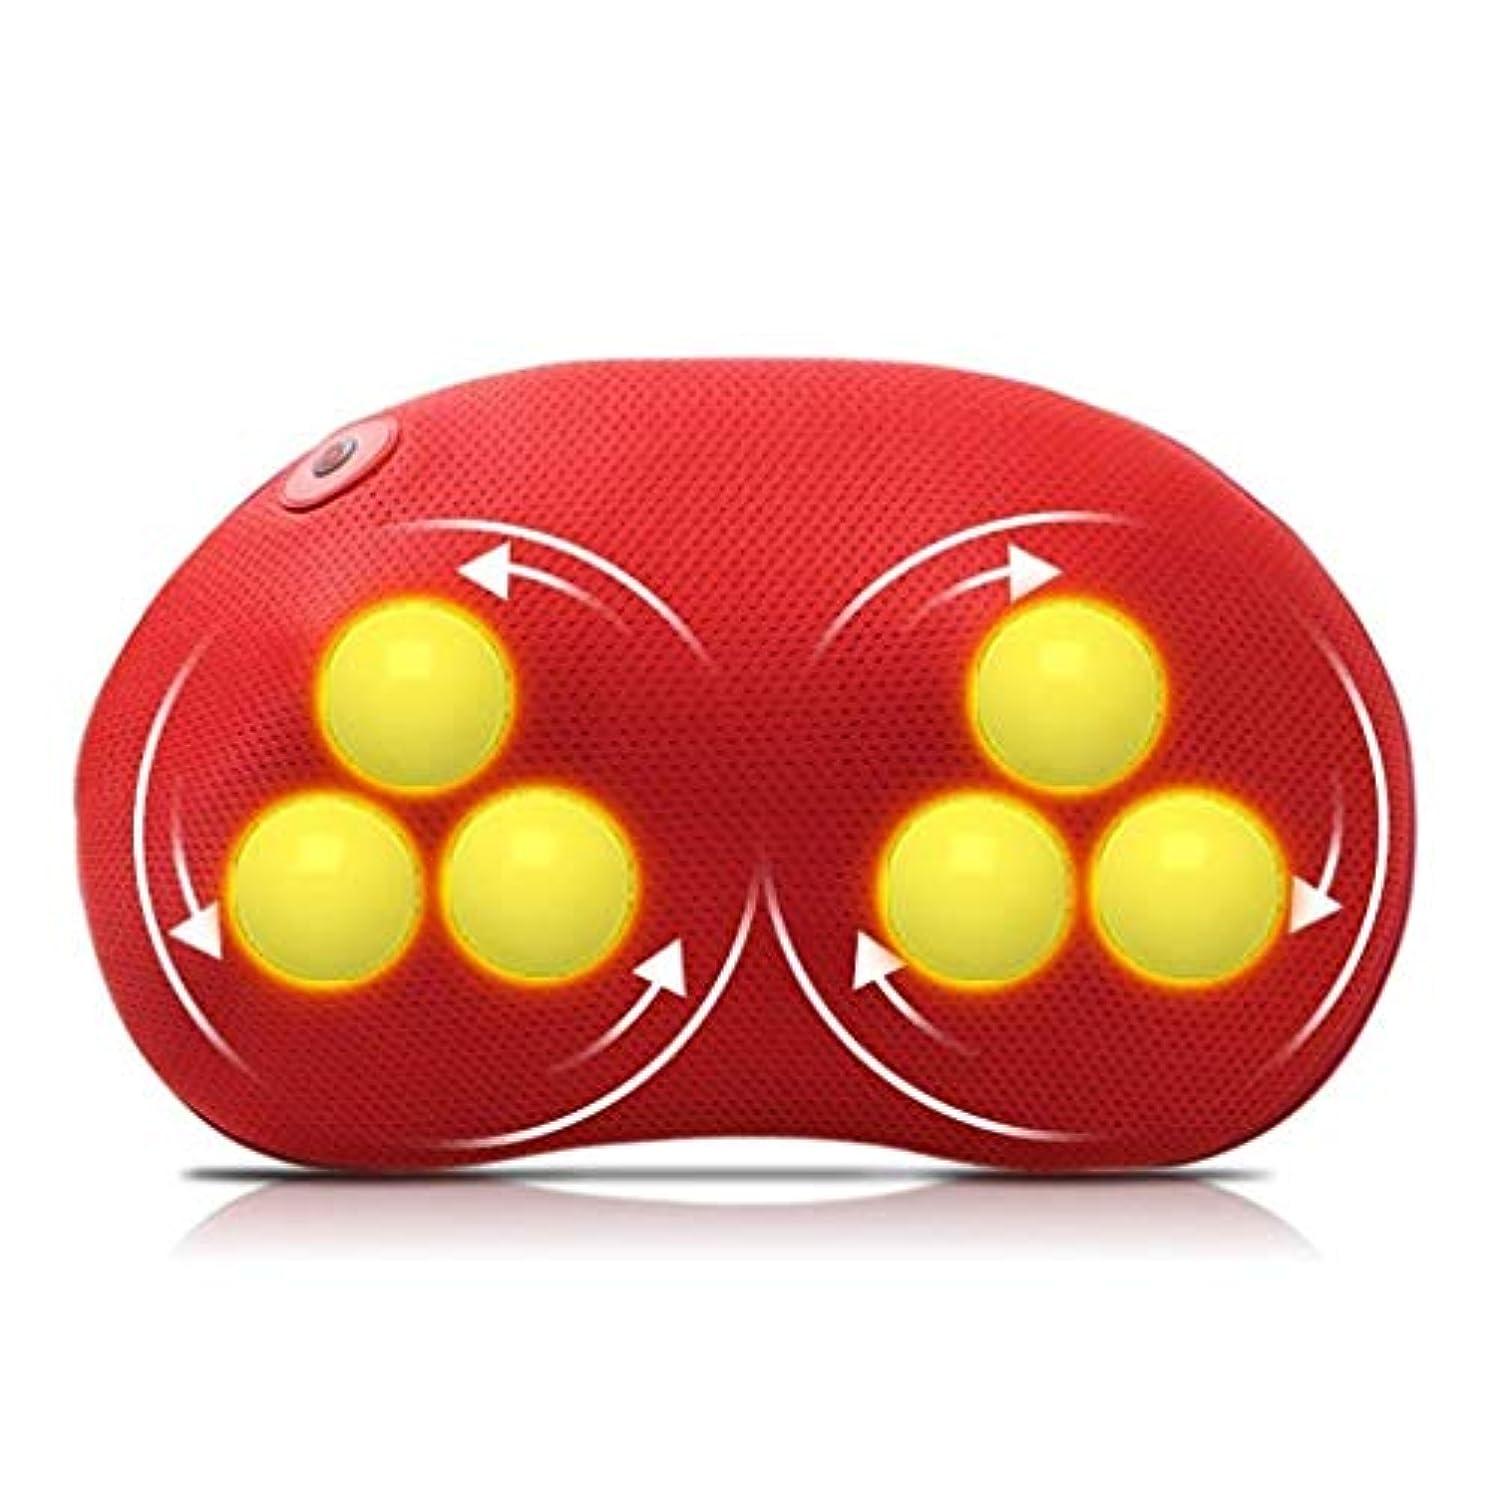 脱臼する銅シンジケートマッサージ枕、首と背中の3Dマッサージ、熱、深練り、首と背中、肩のリラクゼーション筋肉、ホームオフィスでの使用 (Color : 赤)